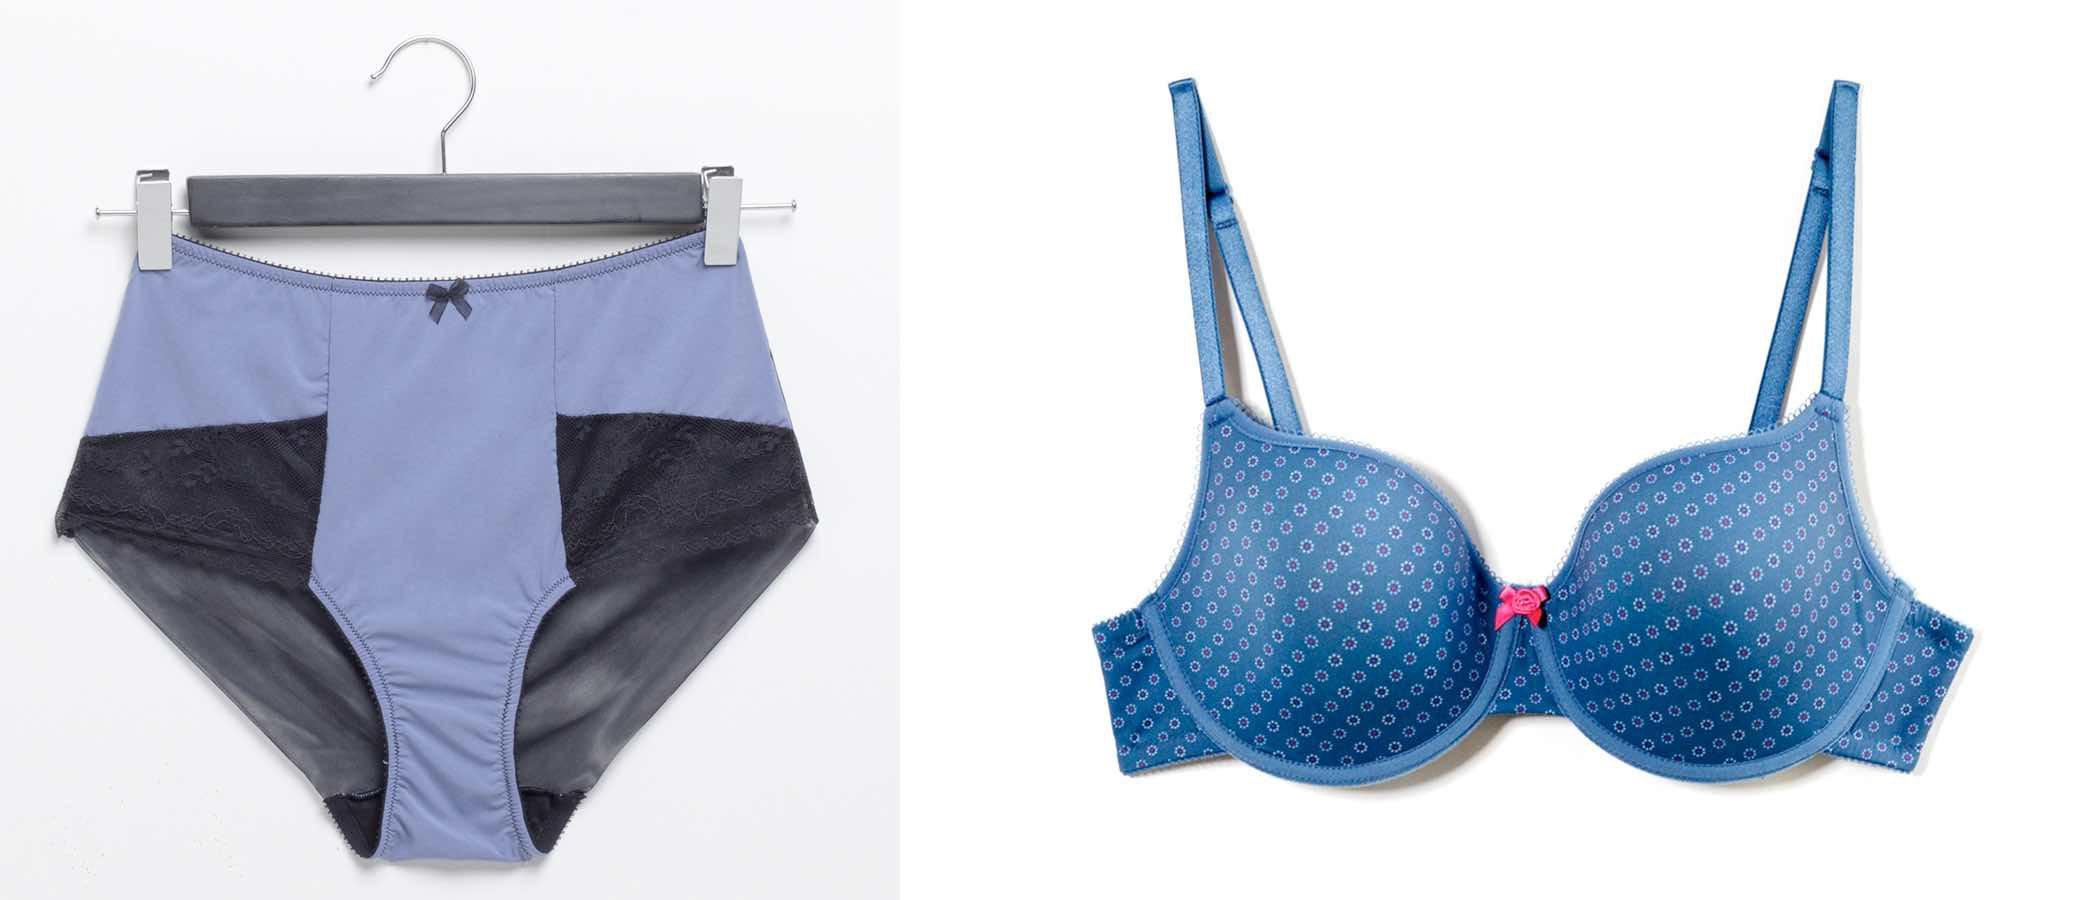 Le Bratelier lanza una colección de lencería benéfica para luchar contra el cáncer de mama